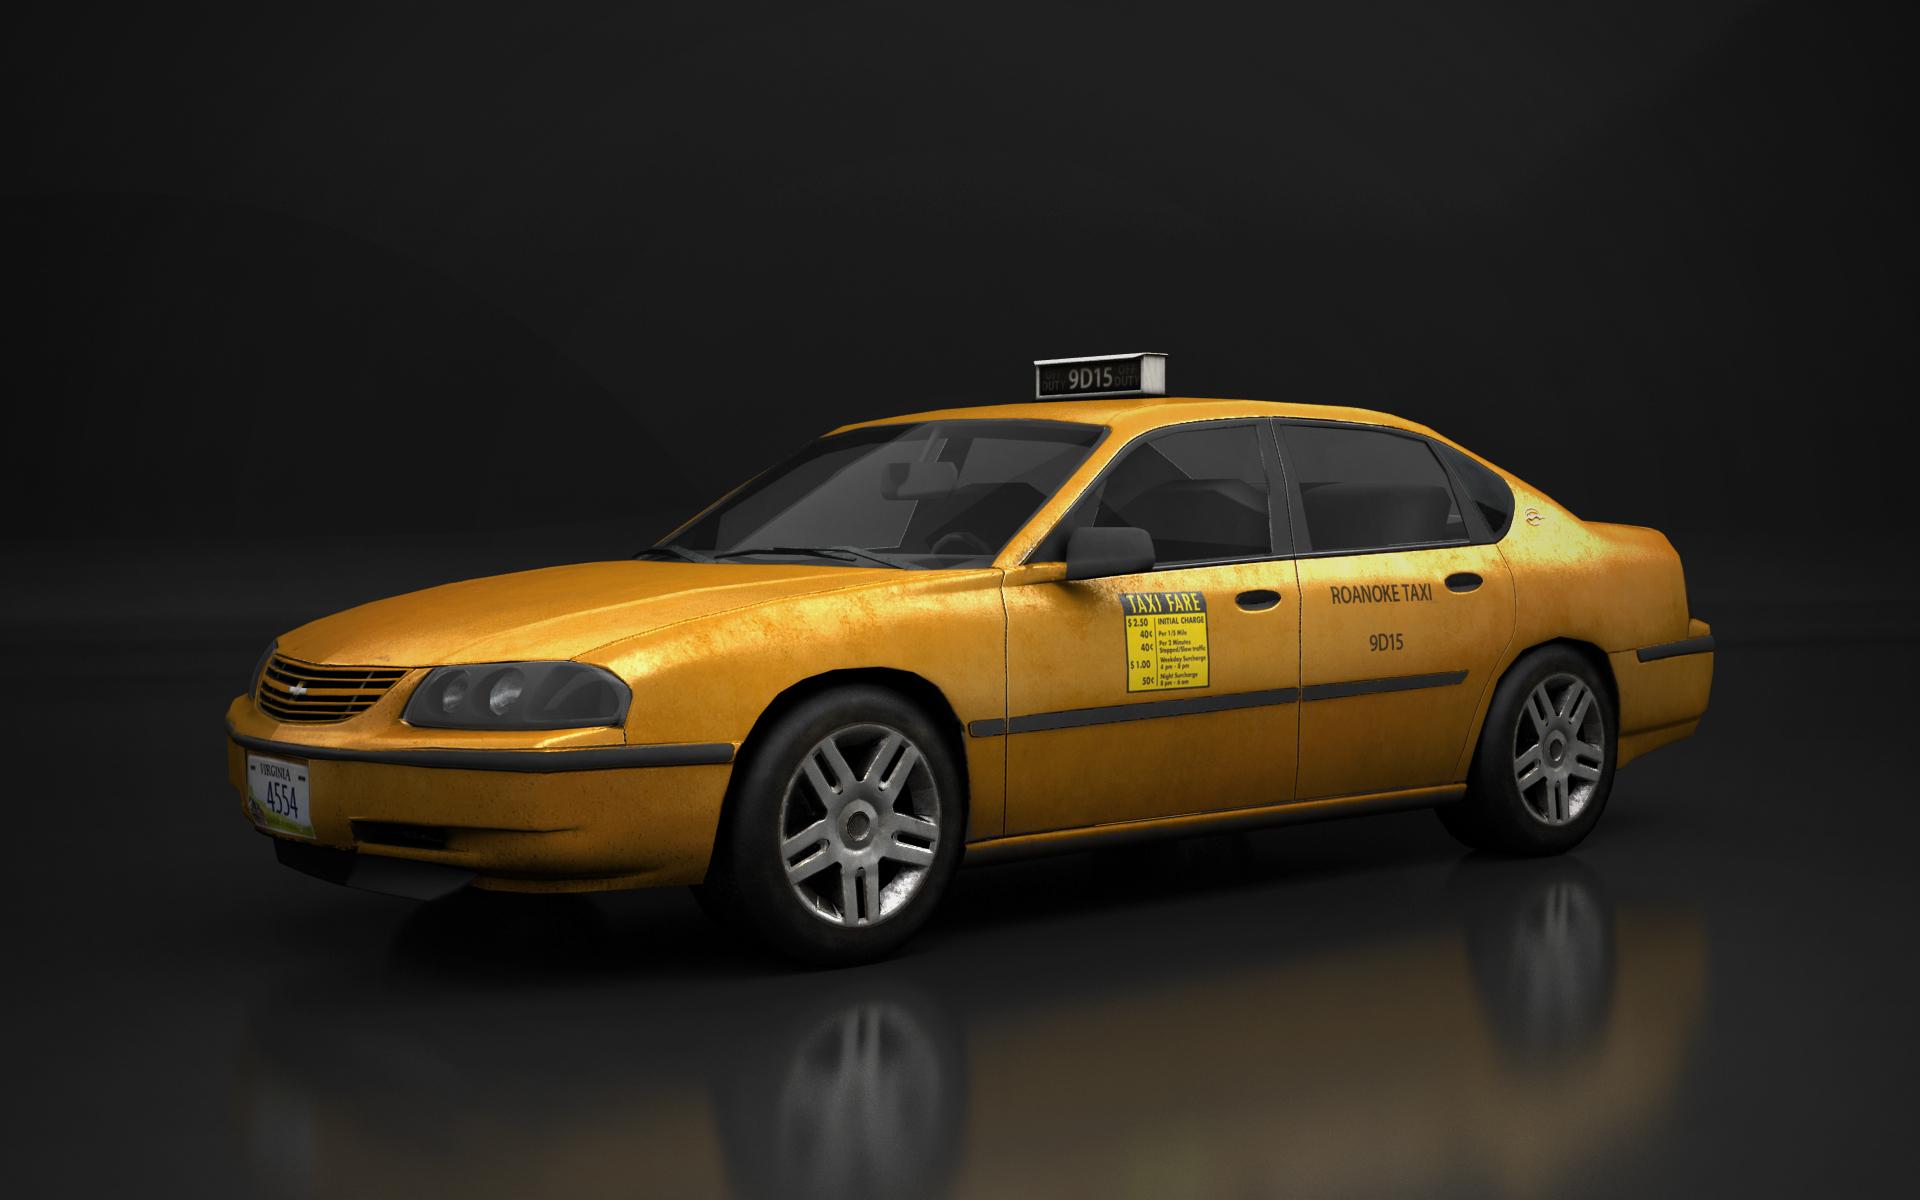 Taxi Cab Car Games